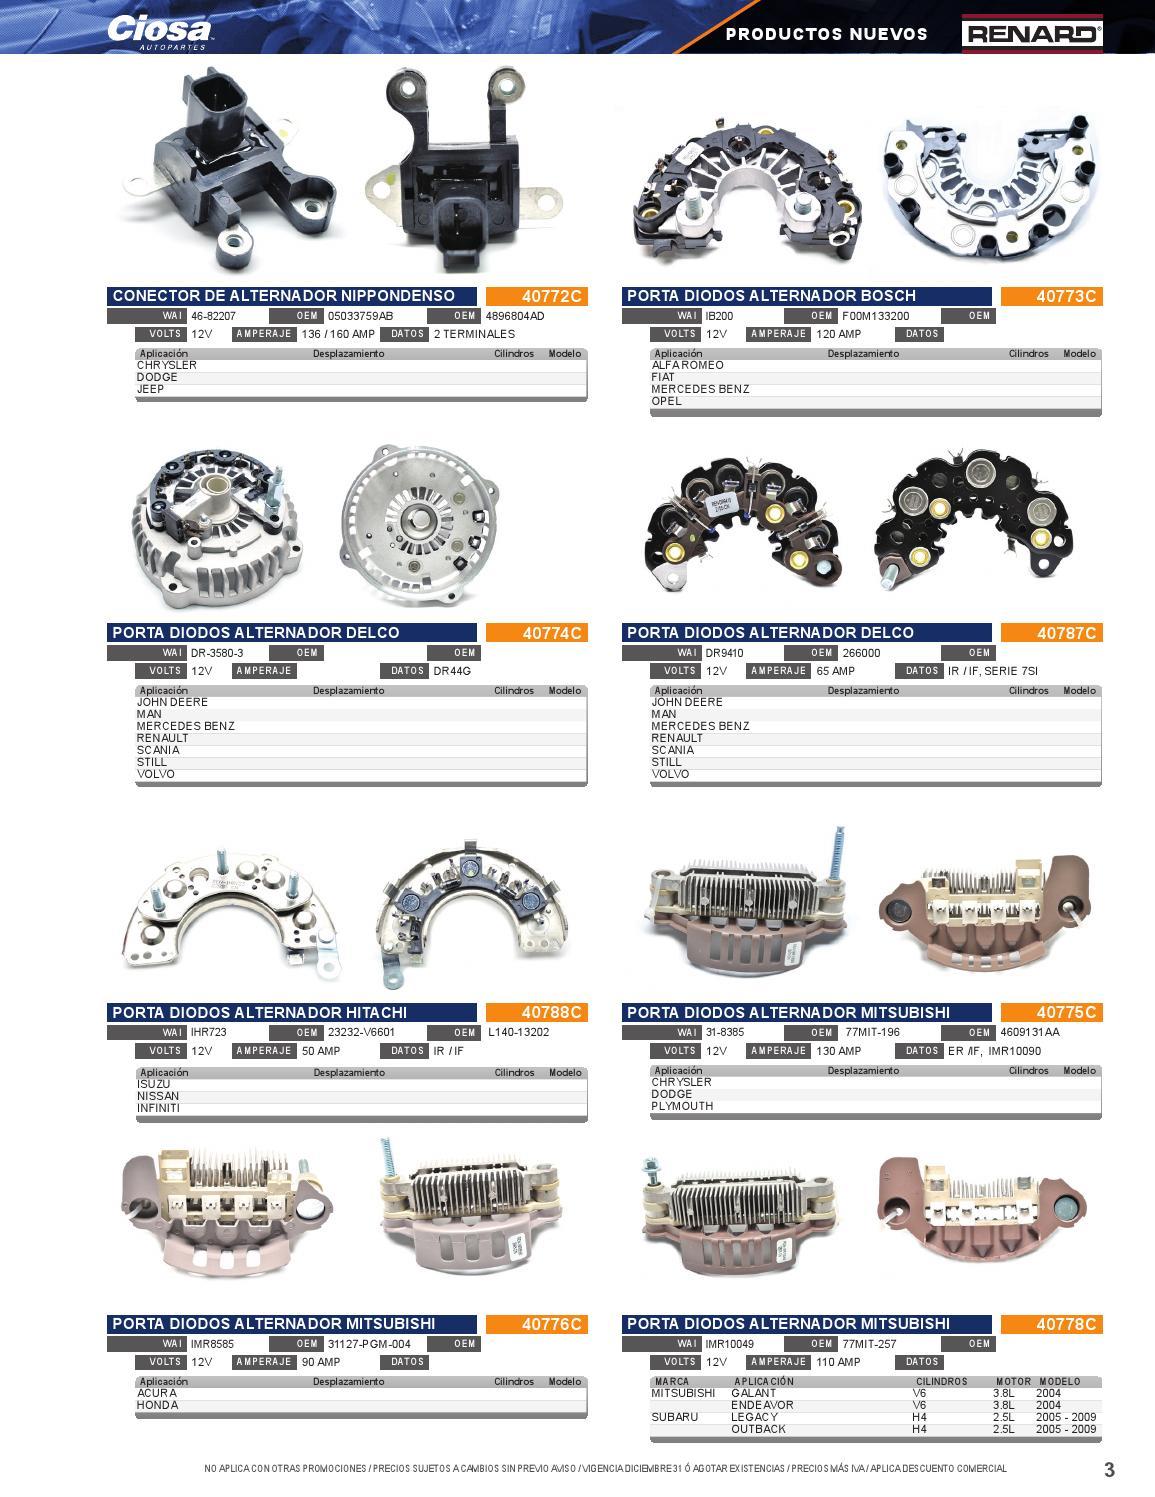 Alternador Cinturón v Ventilador Para Suzuki Alto I 82 /> 93 elección 2//2 800 gasolina 0S CE F8B